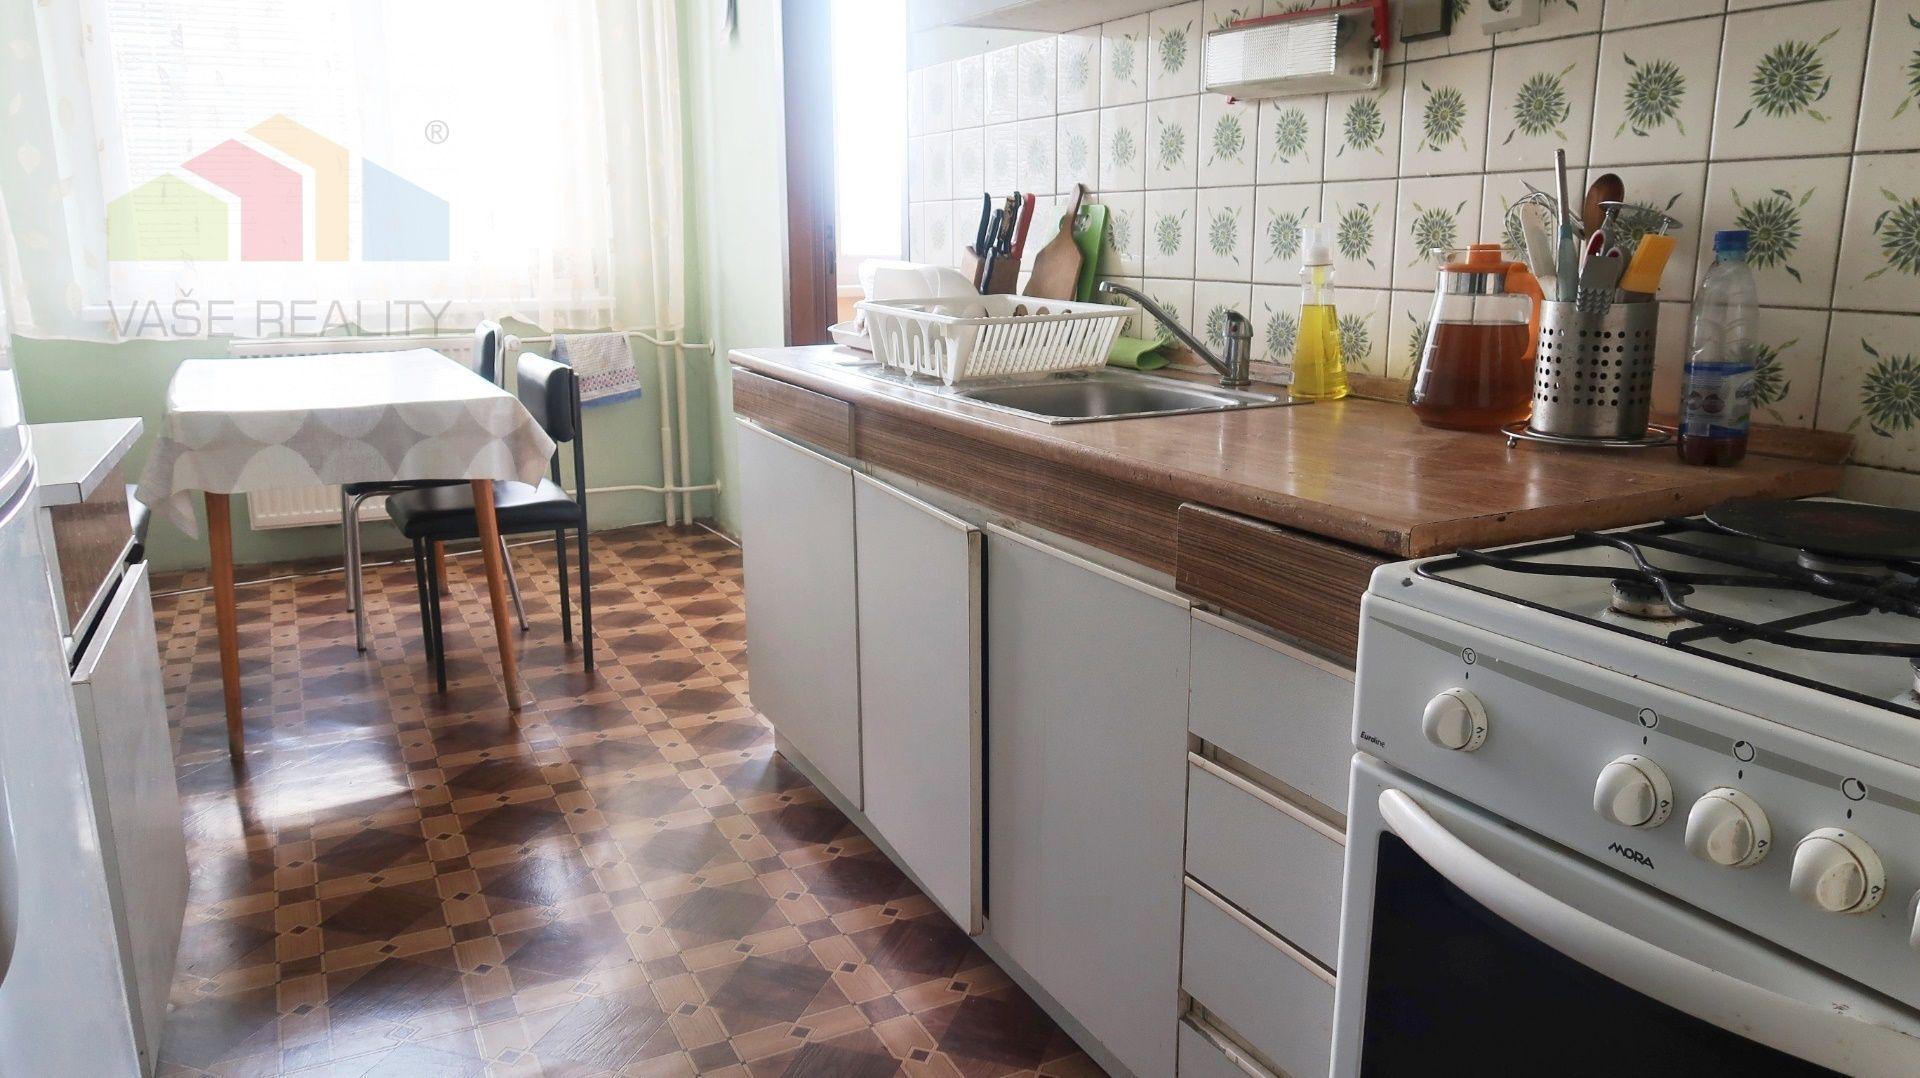 4-izbový byt-Predaj-Trenčín-114900.00 €